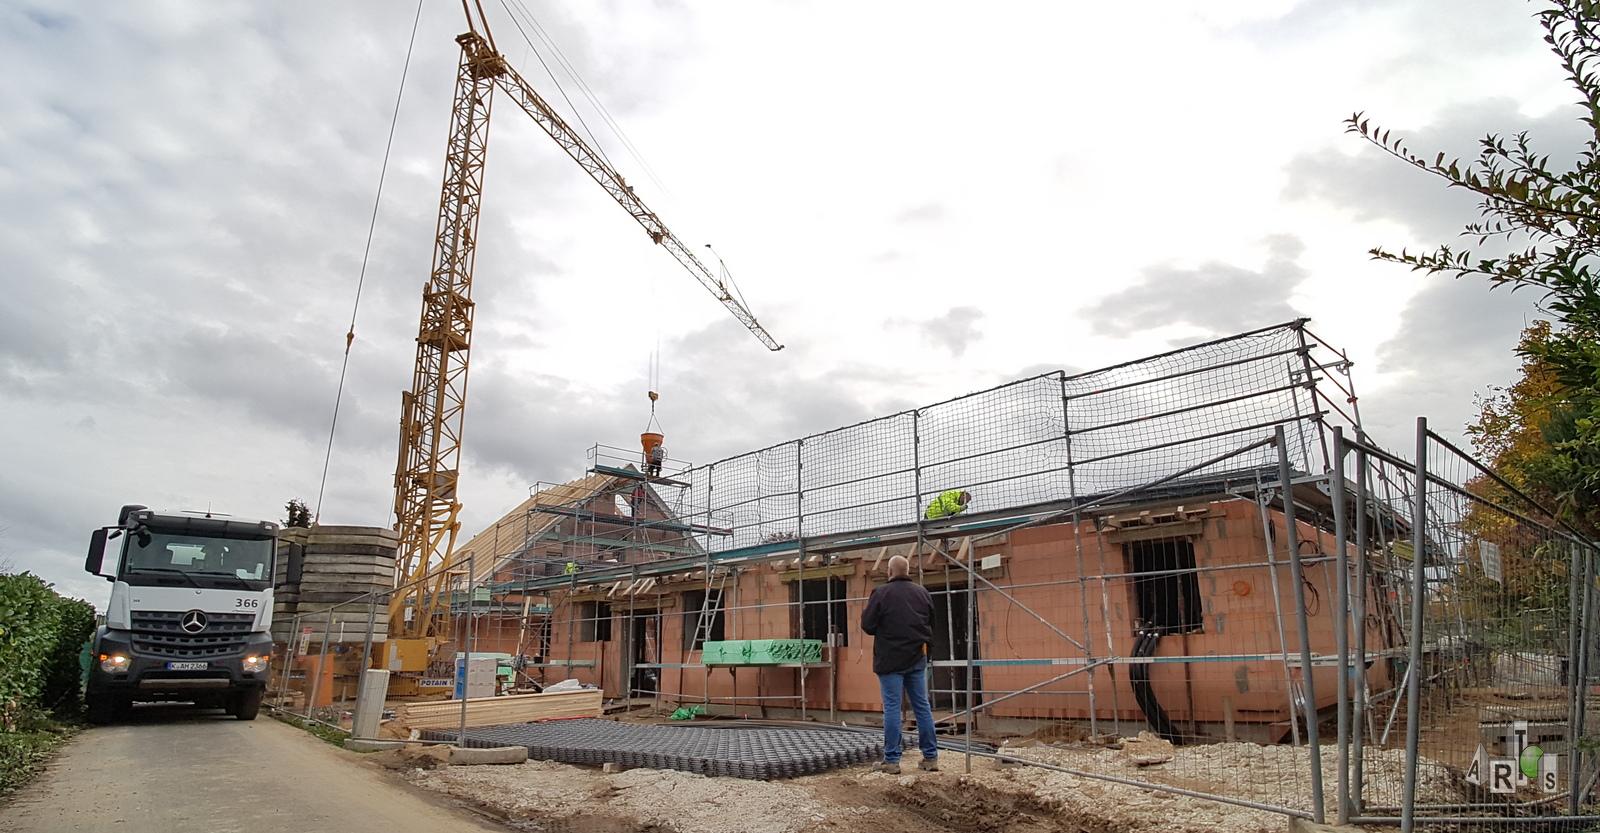 Übersicht Bauvorhaben Hürth im Oktober 2020 - www.artos-haus.de